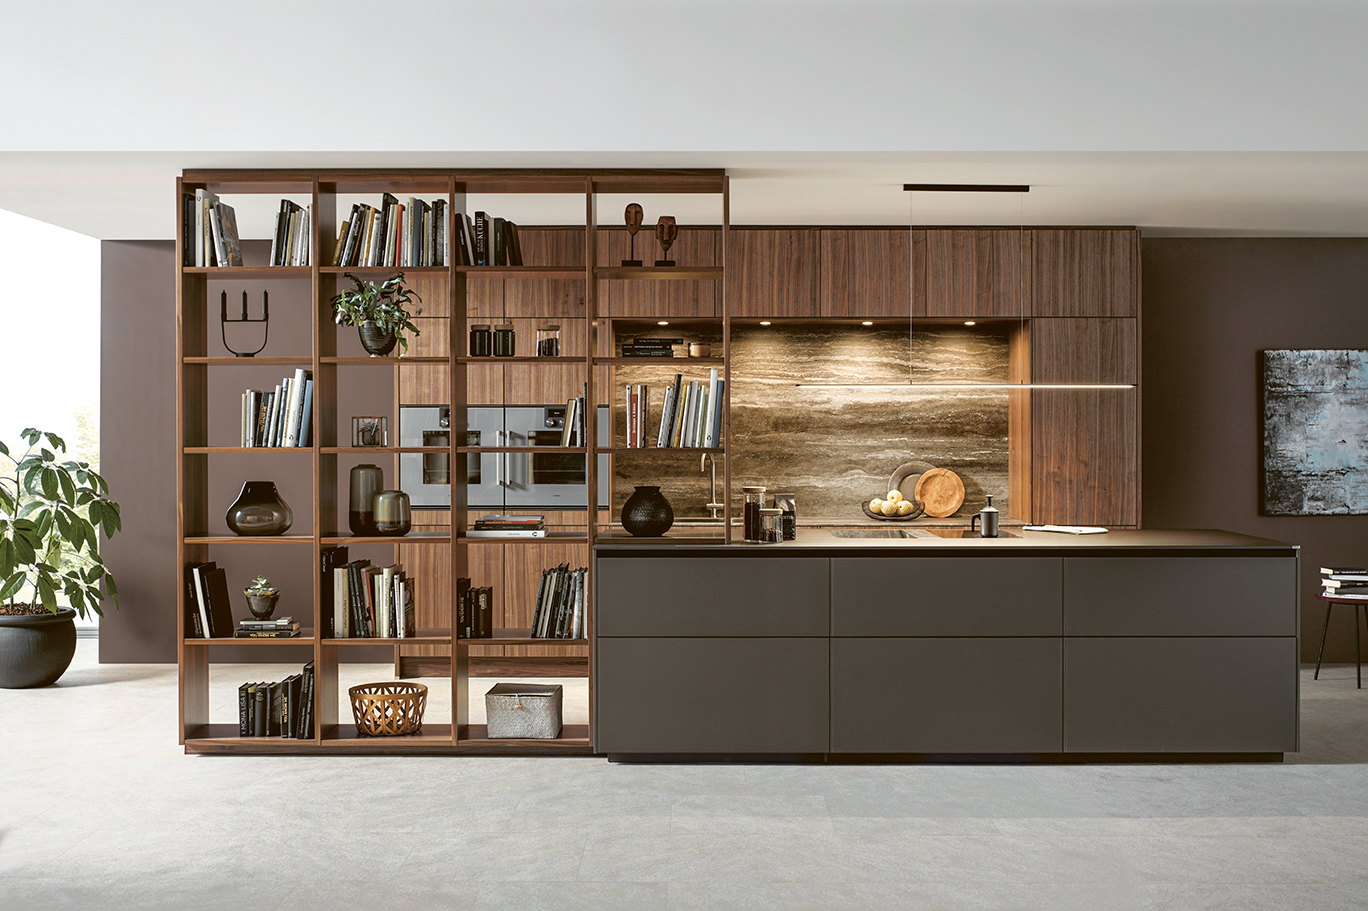 Salon cuisine équipée avec bibliothèque en bois moderne